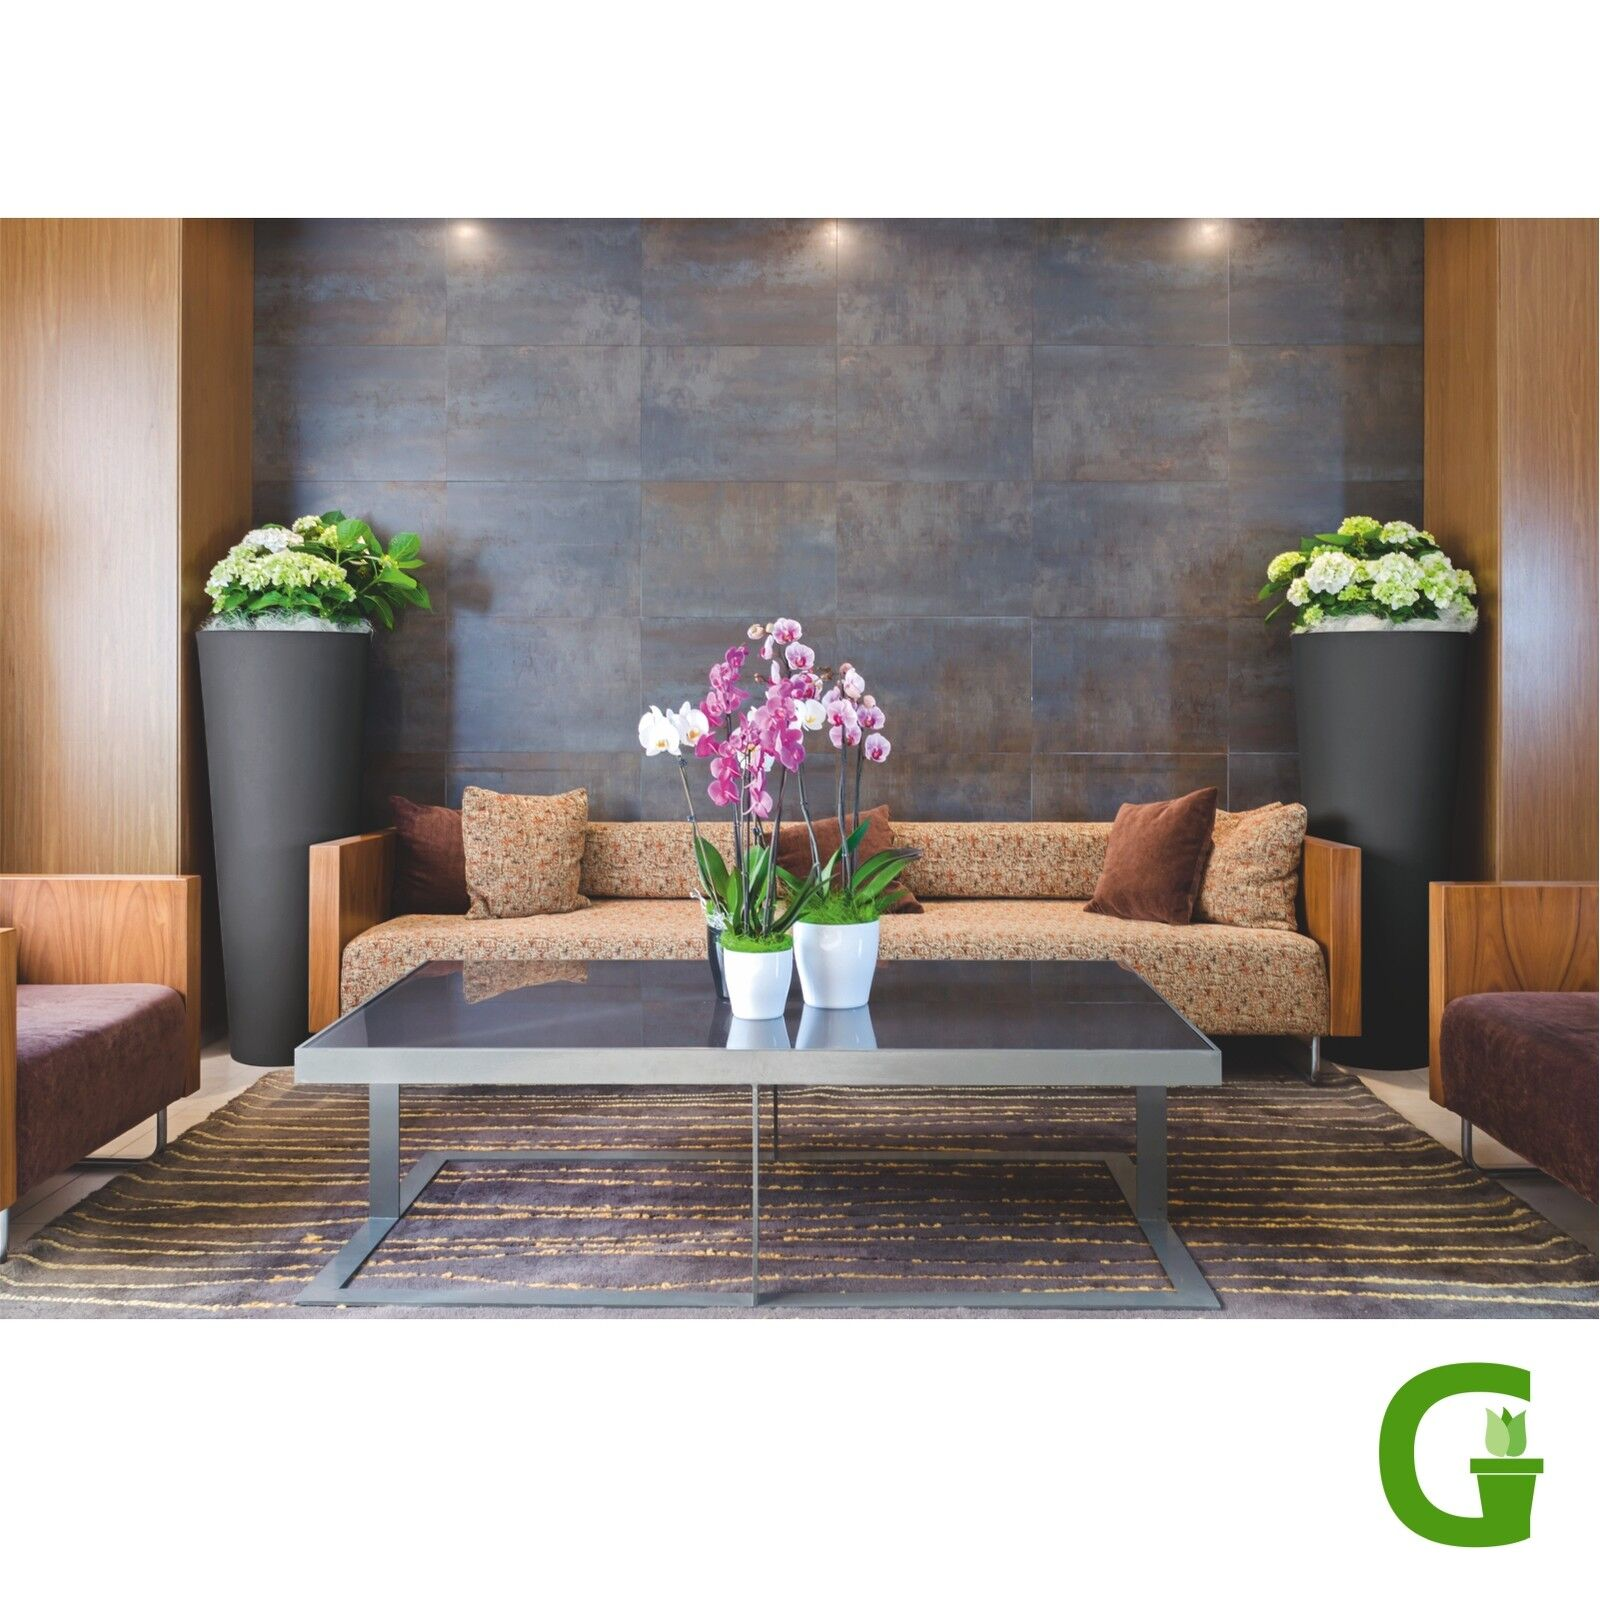 toscana pflanztopf 100 cm hoch pflanzk bel kunststoff blumenk bel modern eur 89 00 picclick de. Black Bedroom Furniture Sets. Home Design Ideas